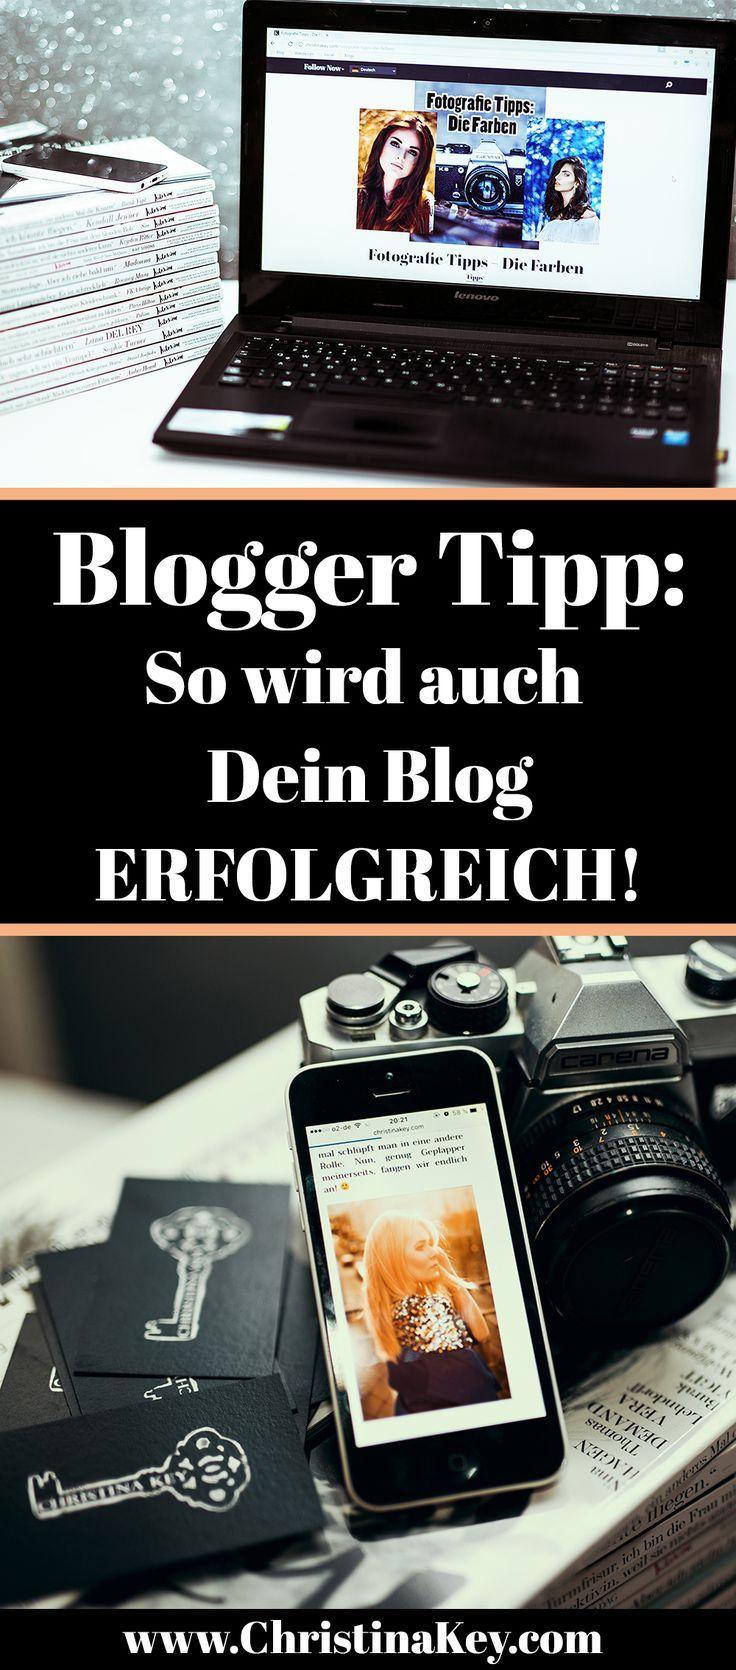 Blogger Tipps: So wirst Du auch mit Deinem Blog Erfolg haben! // Jetzt weitere Blogger und Fotografie Tipps auf CHRISTINA KEY entdecken - dem Mode, Tipps und Lifestyle Blog aus Berlin